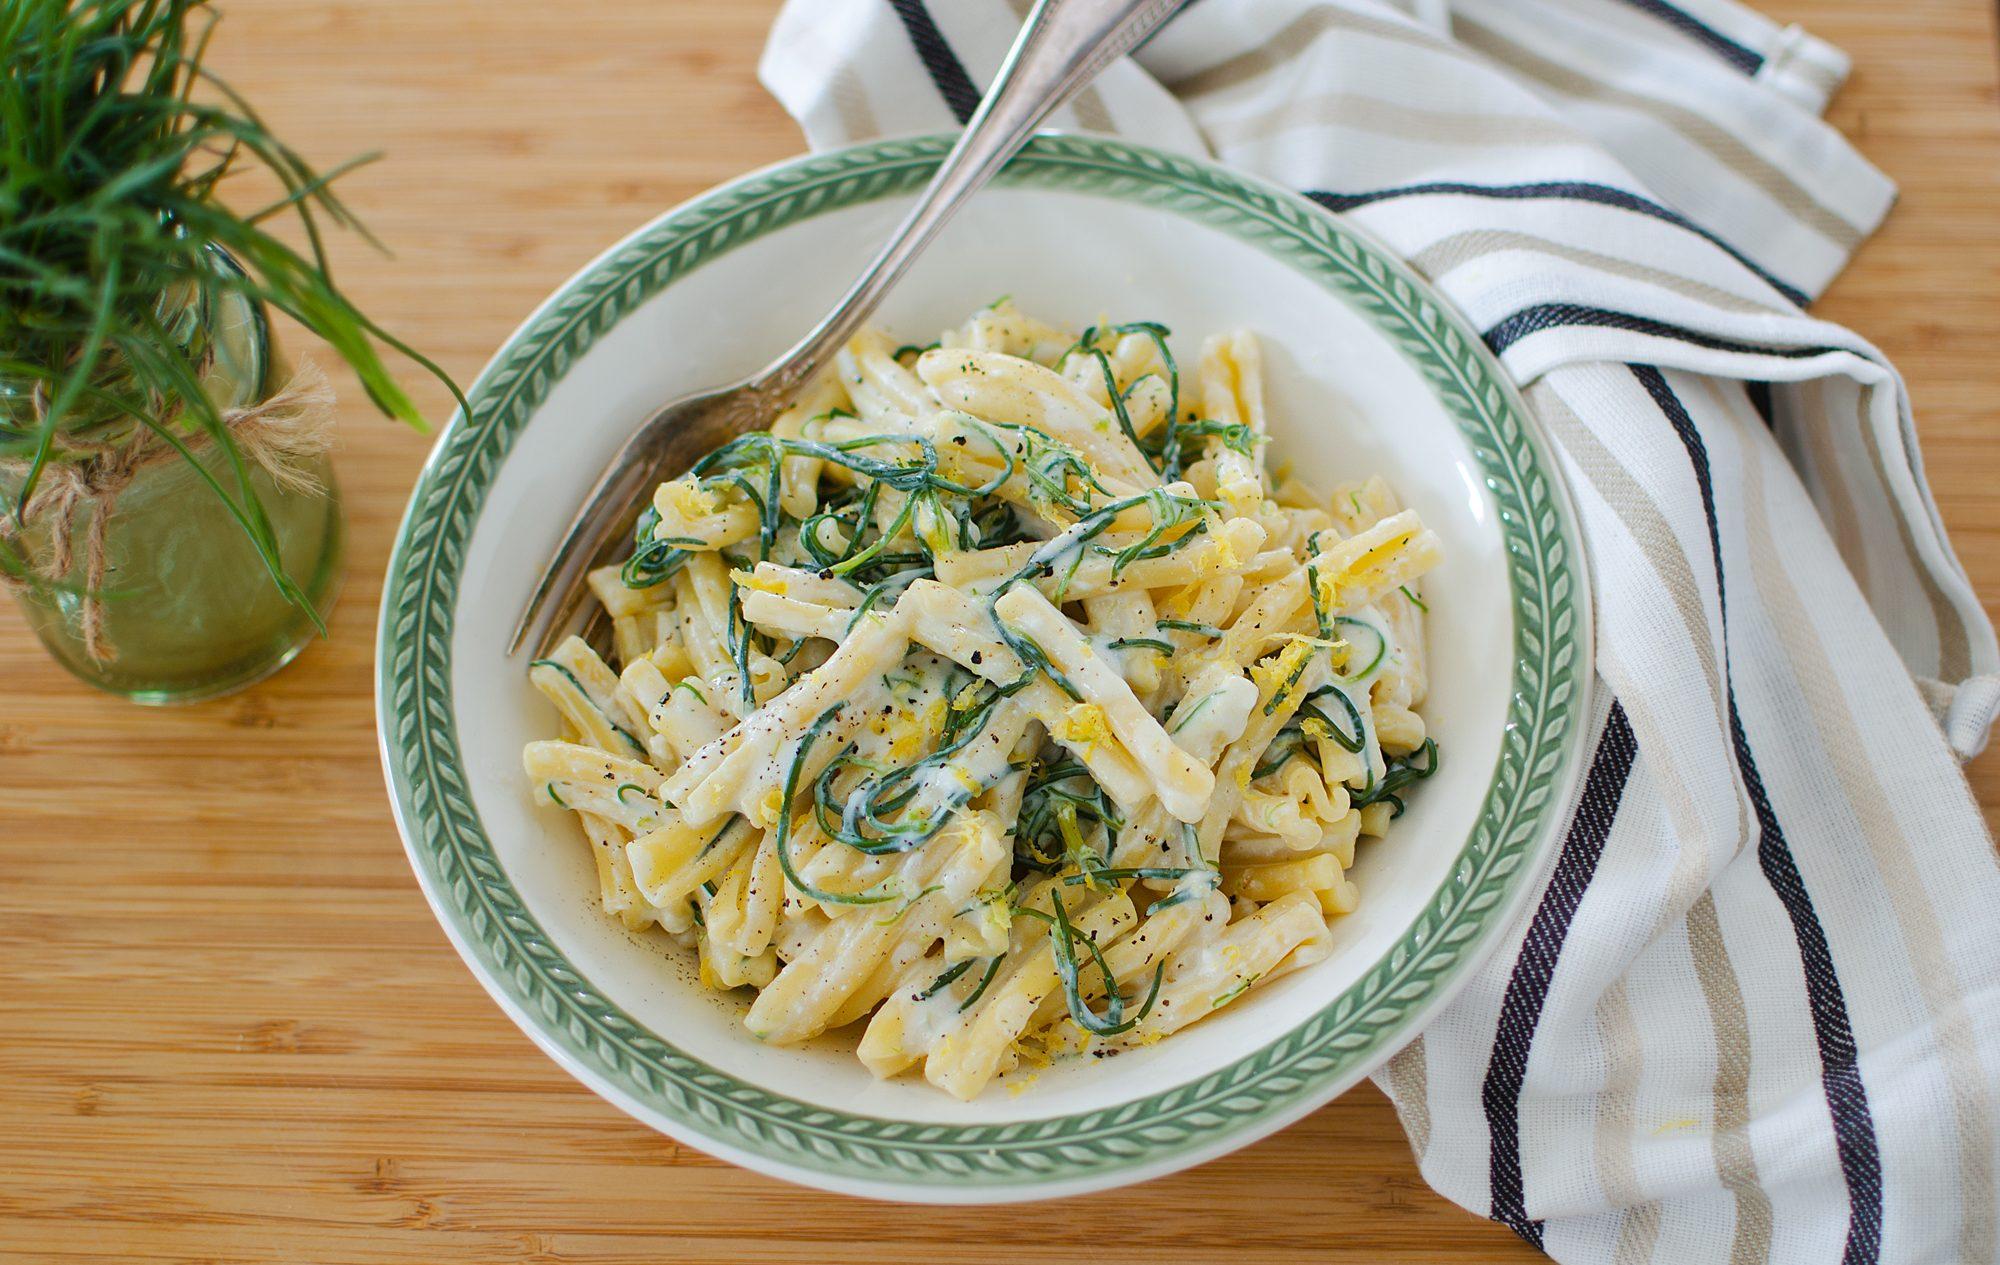 Pasta agretti e ricotta: la ricetta del piatto cremoso e appetitoso